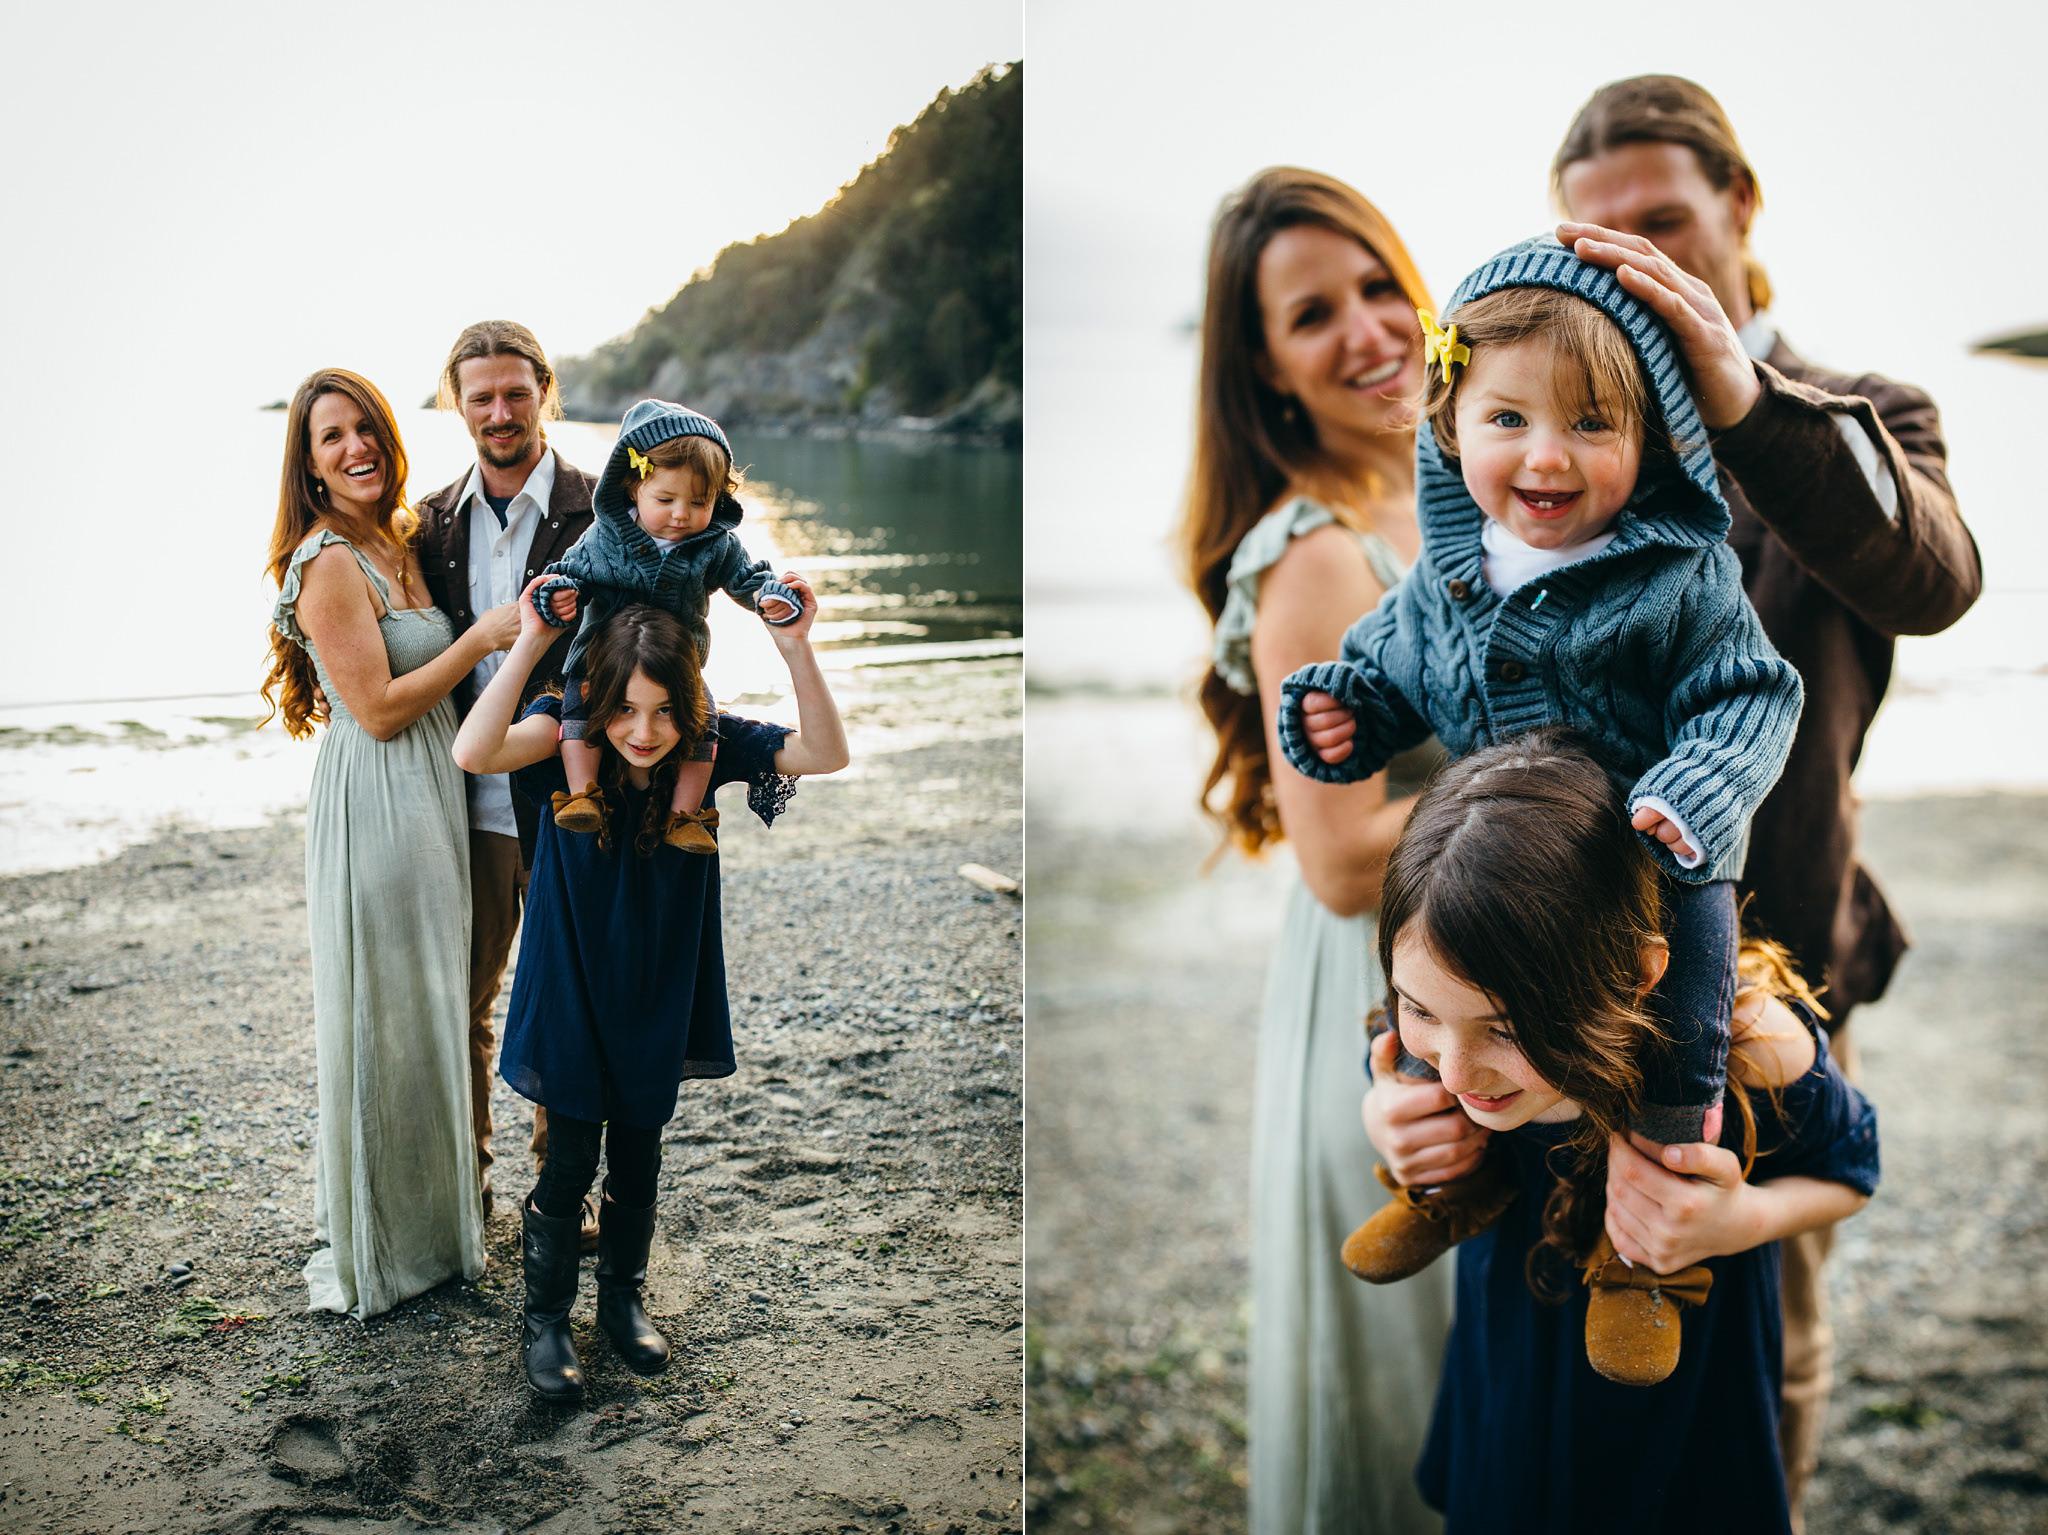 bowman-bay-oak-harbor-family-photographer-18.jpg